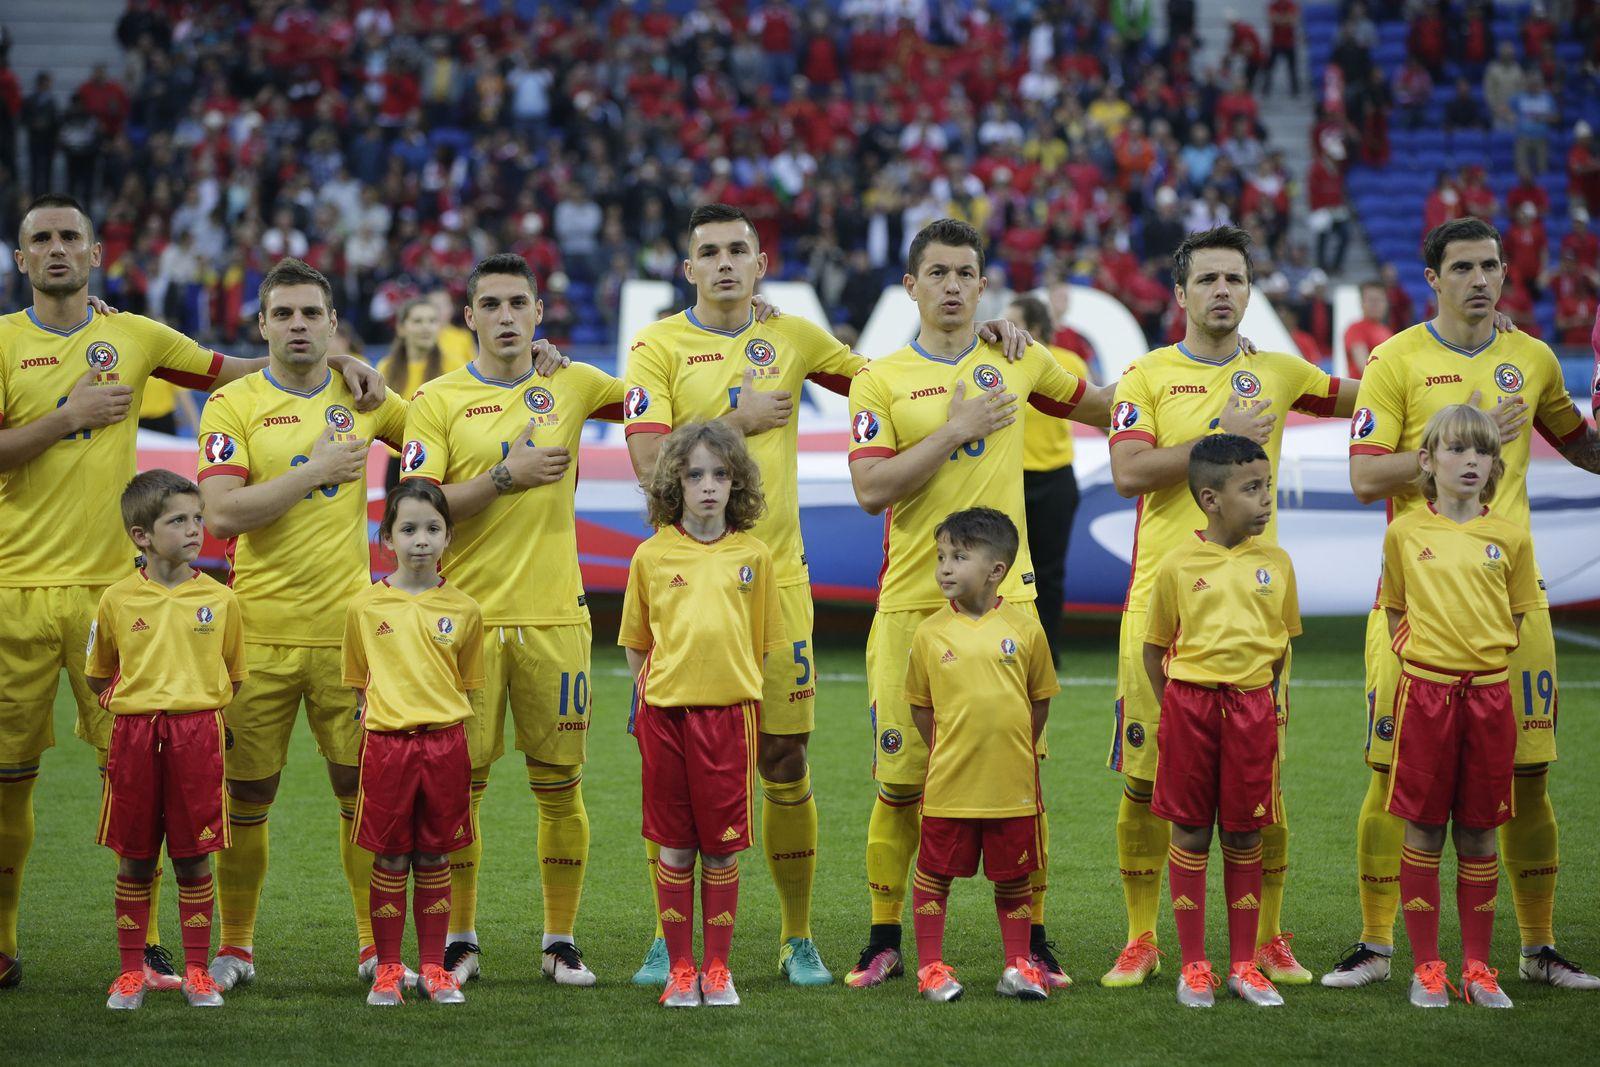 EURO 2016 / Nationalhymne / Einlaufkinder / Rumänien